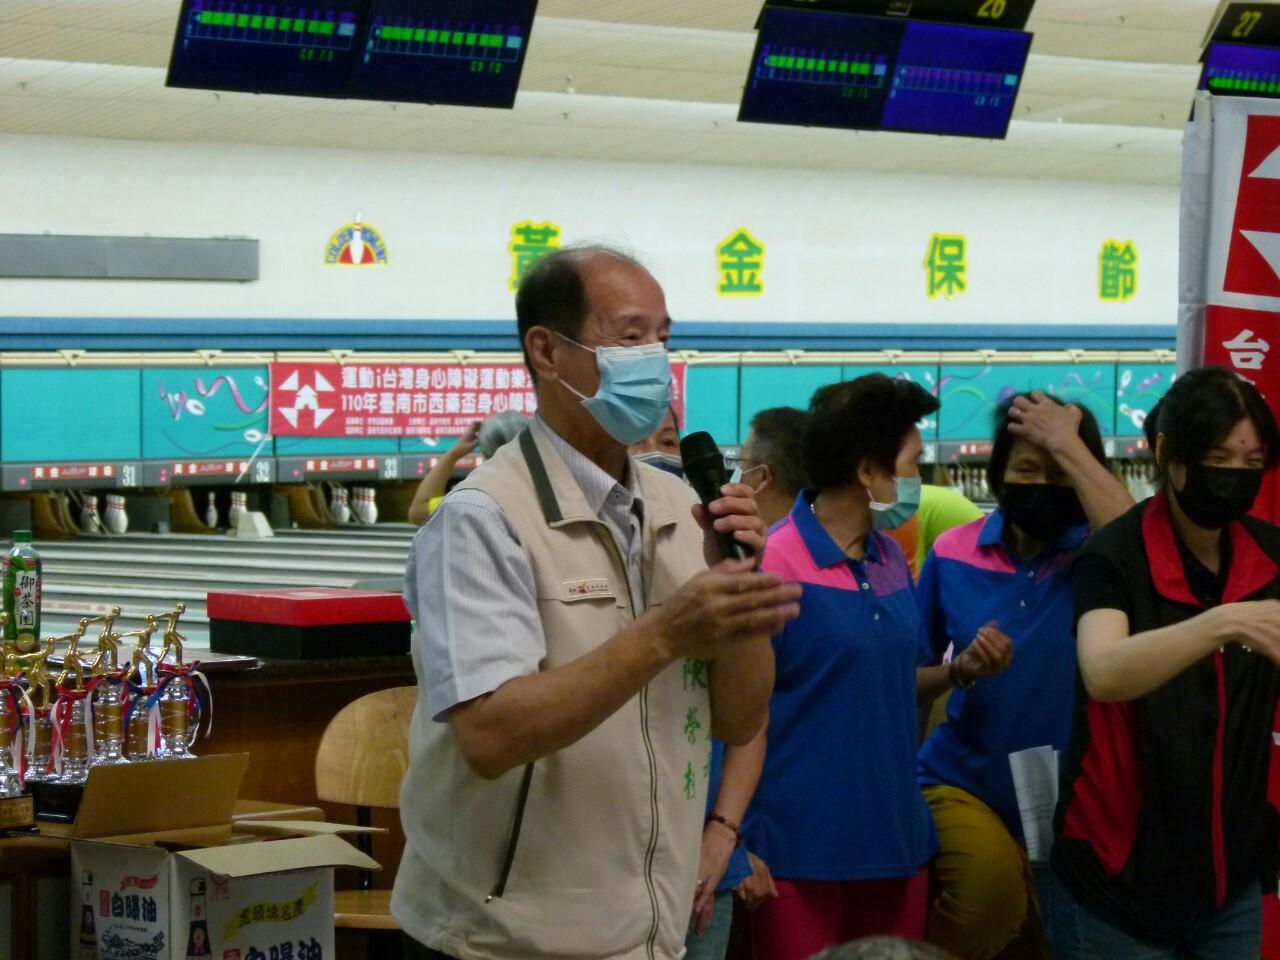 110年度公益活動臺南市西藥盃身心障礙者保齡球賽於黃金保齡球館舉行。_210830_26